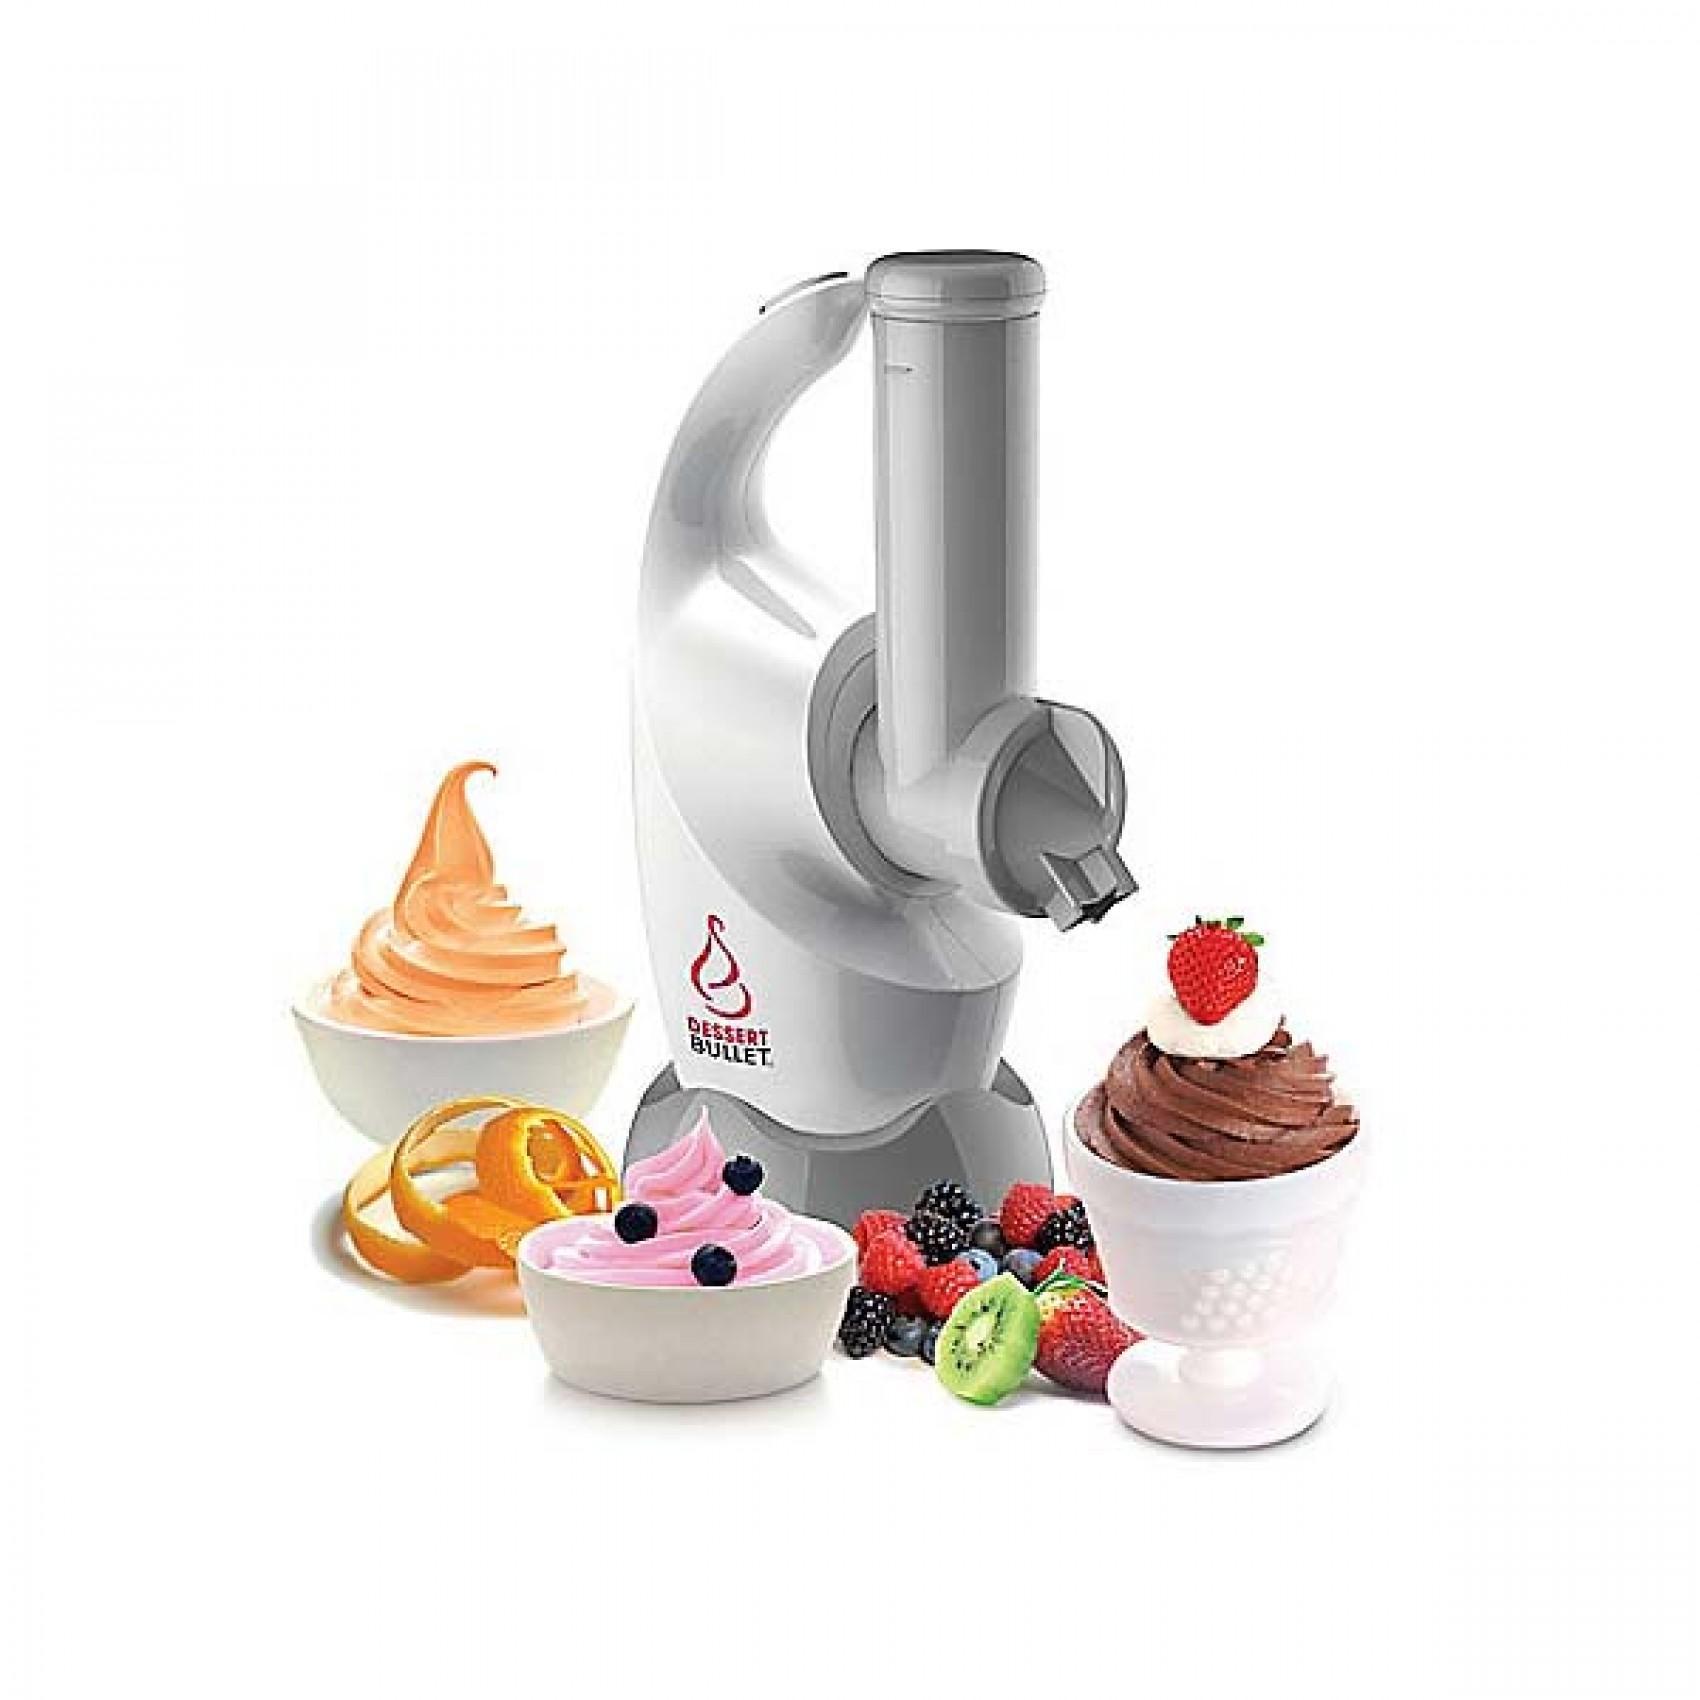 Dessert Maker Icing Maker Mini Blender (white) By Latest Gadget.